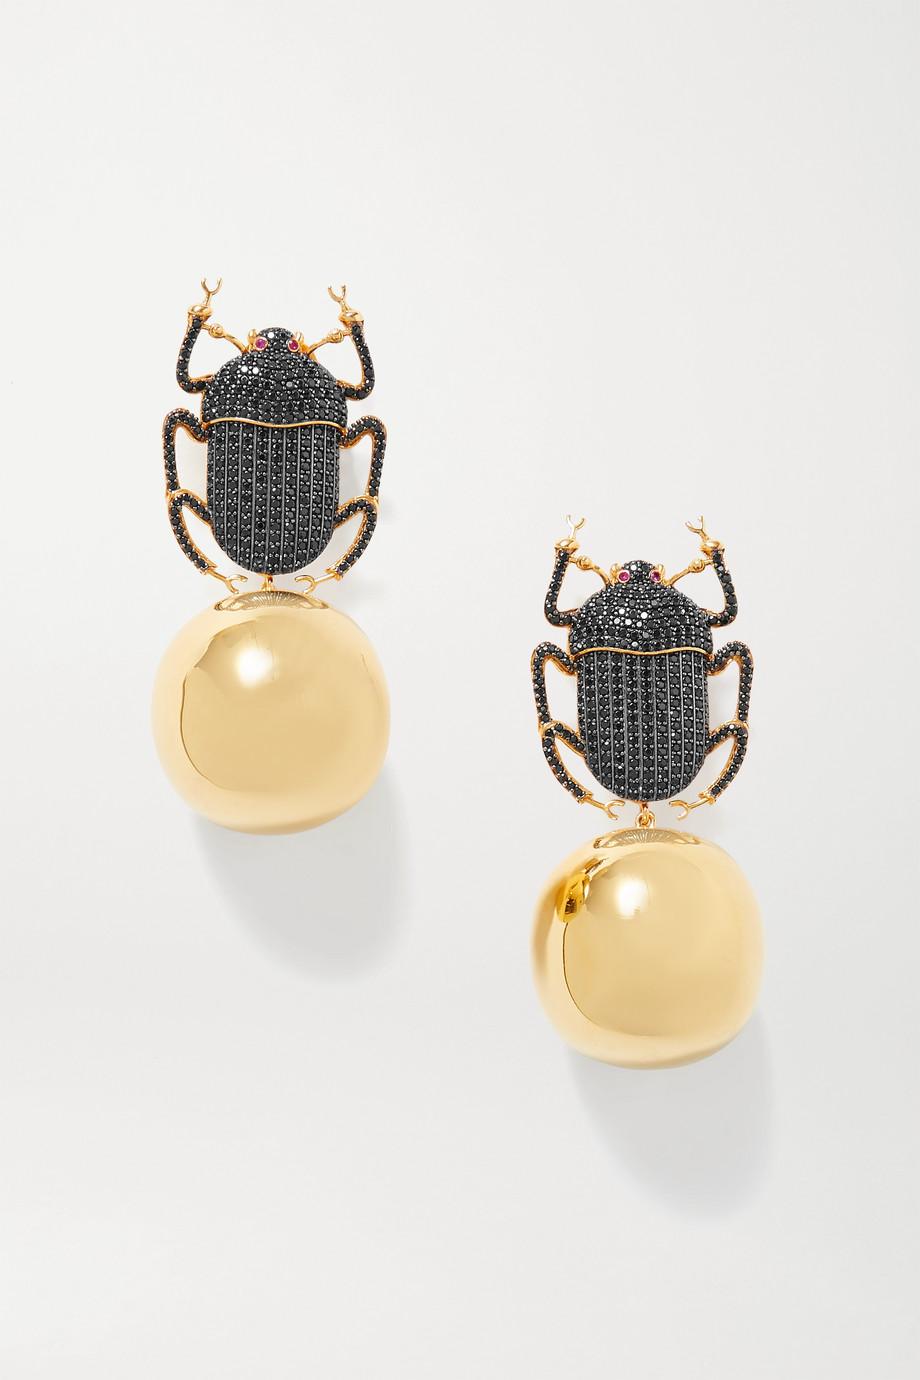 Begüm Khan Pharaoh Party vergoldete Ohrclips mit Kristallen